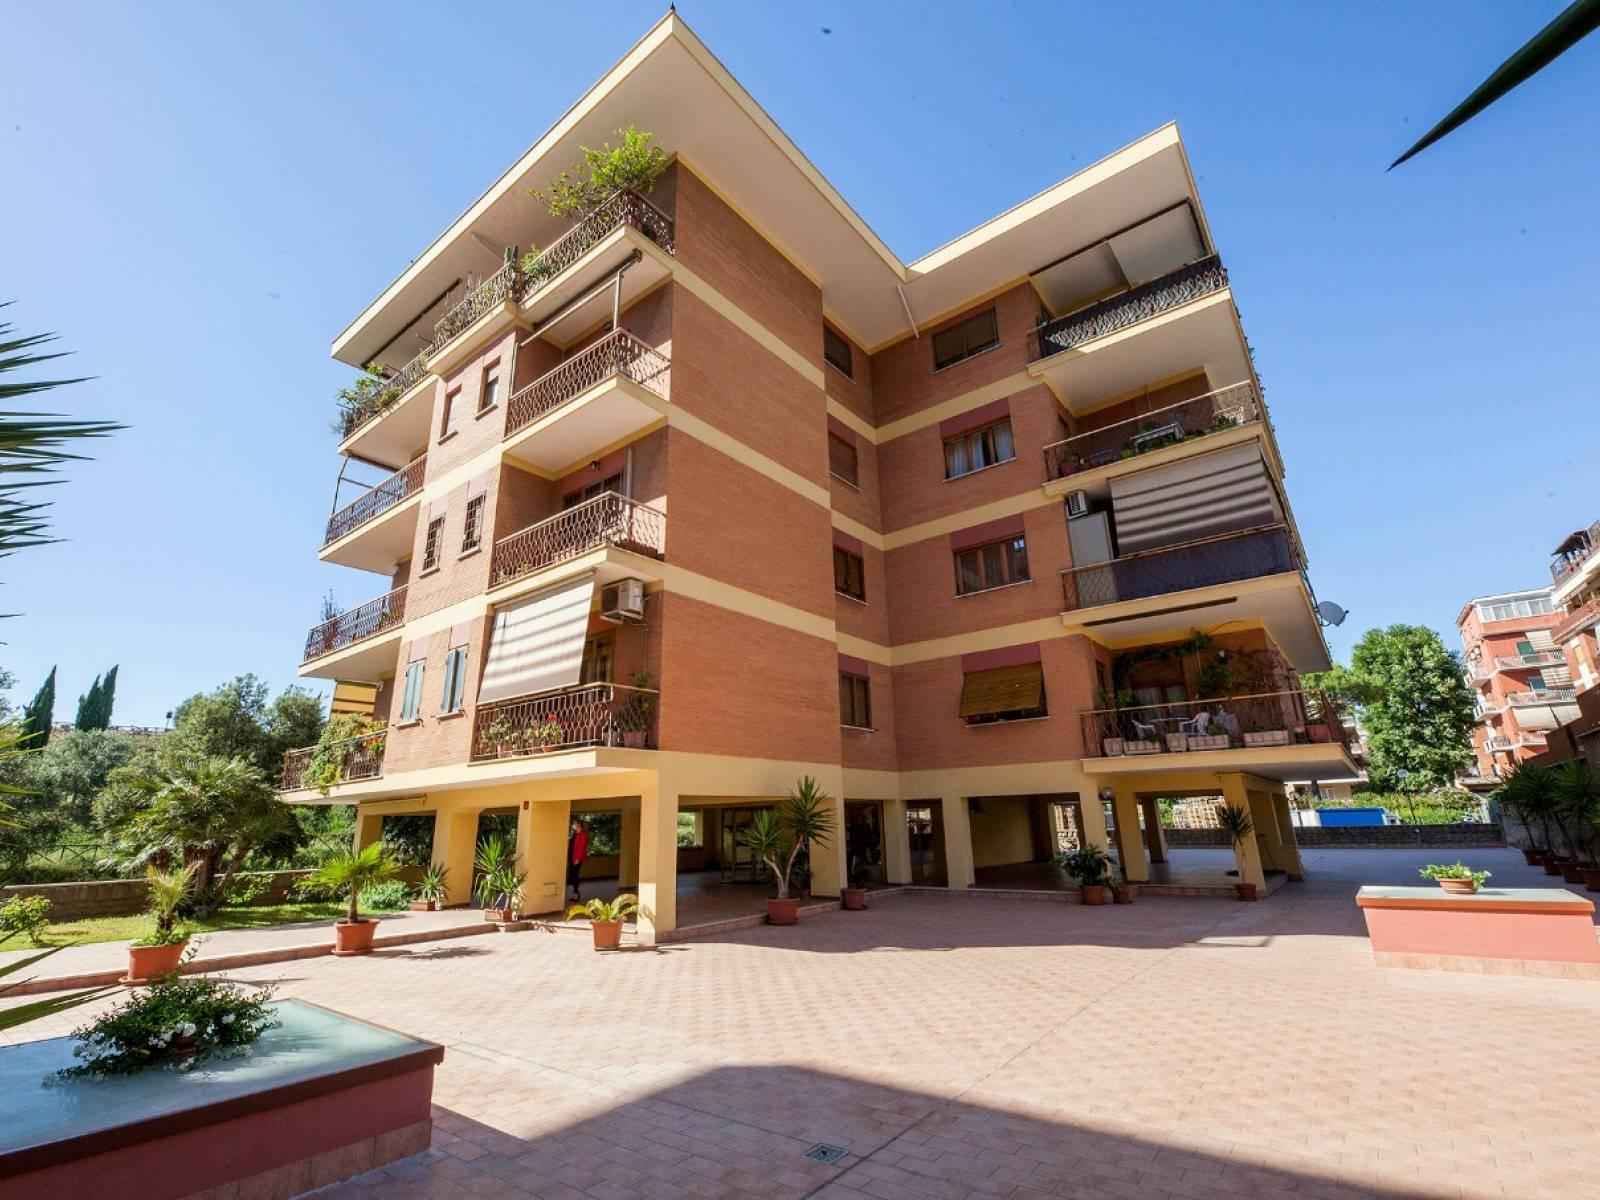 Appartamento in vendita a Roma, 3 locali, zona Località: AURELIA, prezzo € 330.000   CambioCasa.it